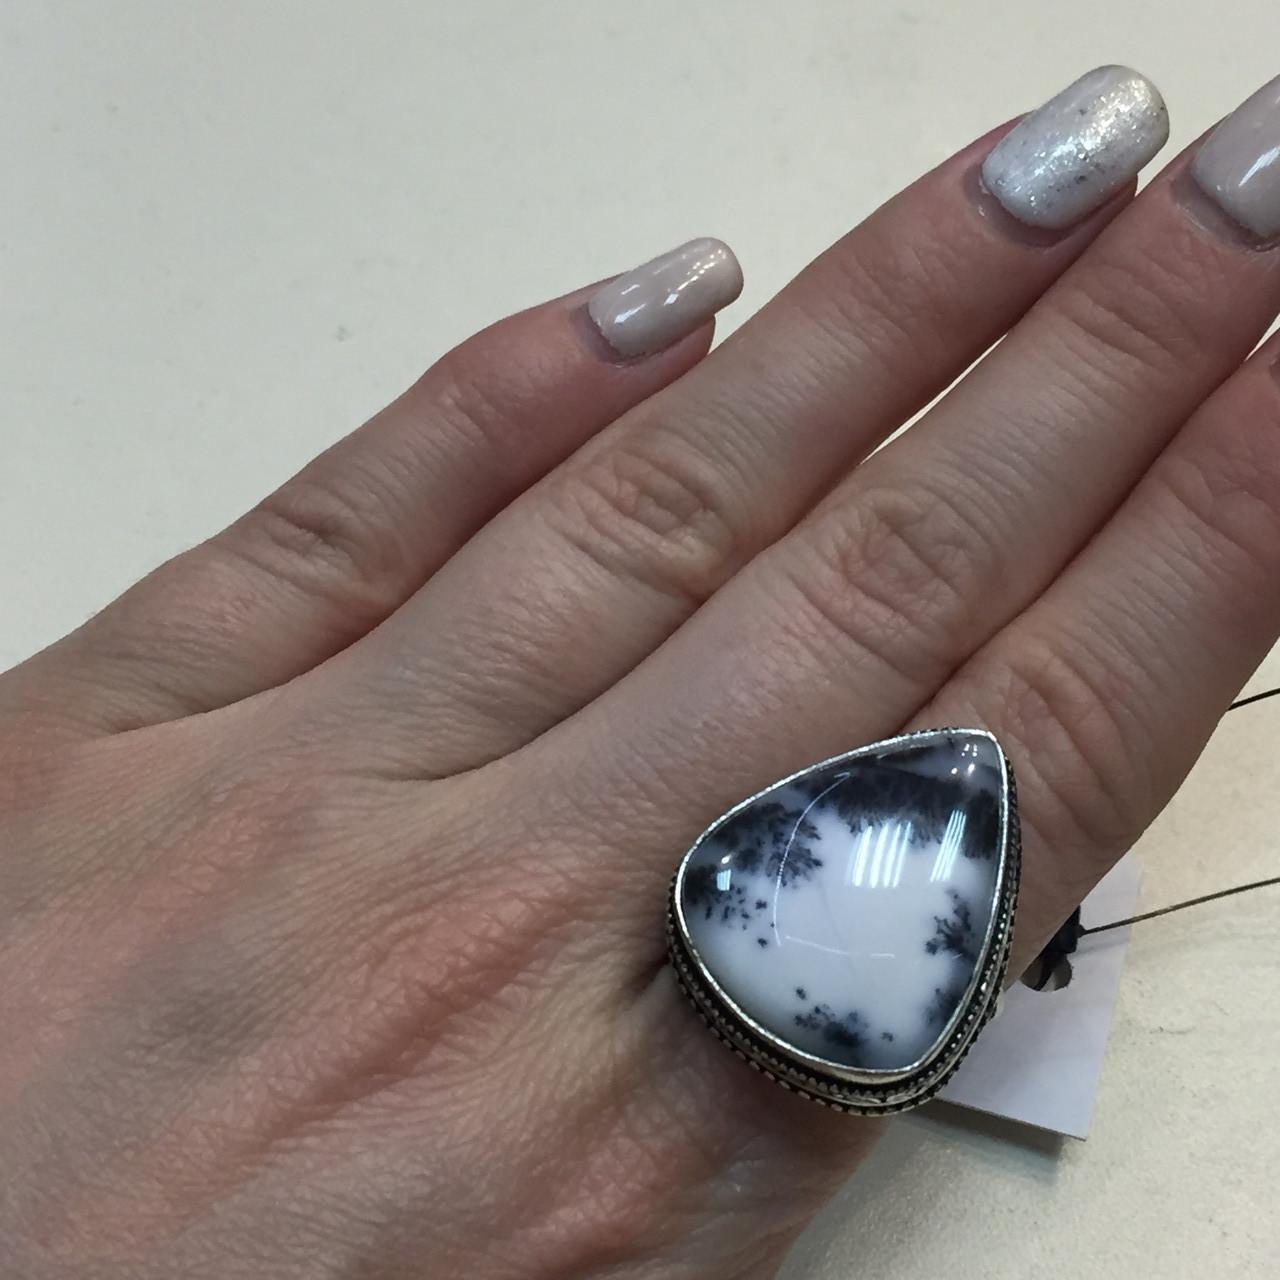 Дендро опал кольцо капля дендритовый опал размер 18,5-19 кольцо с дендро-опалом в серебре Индия